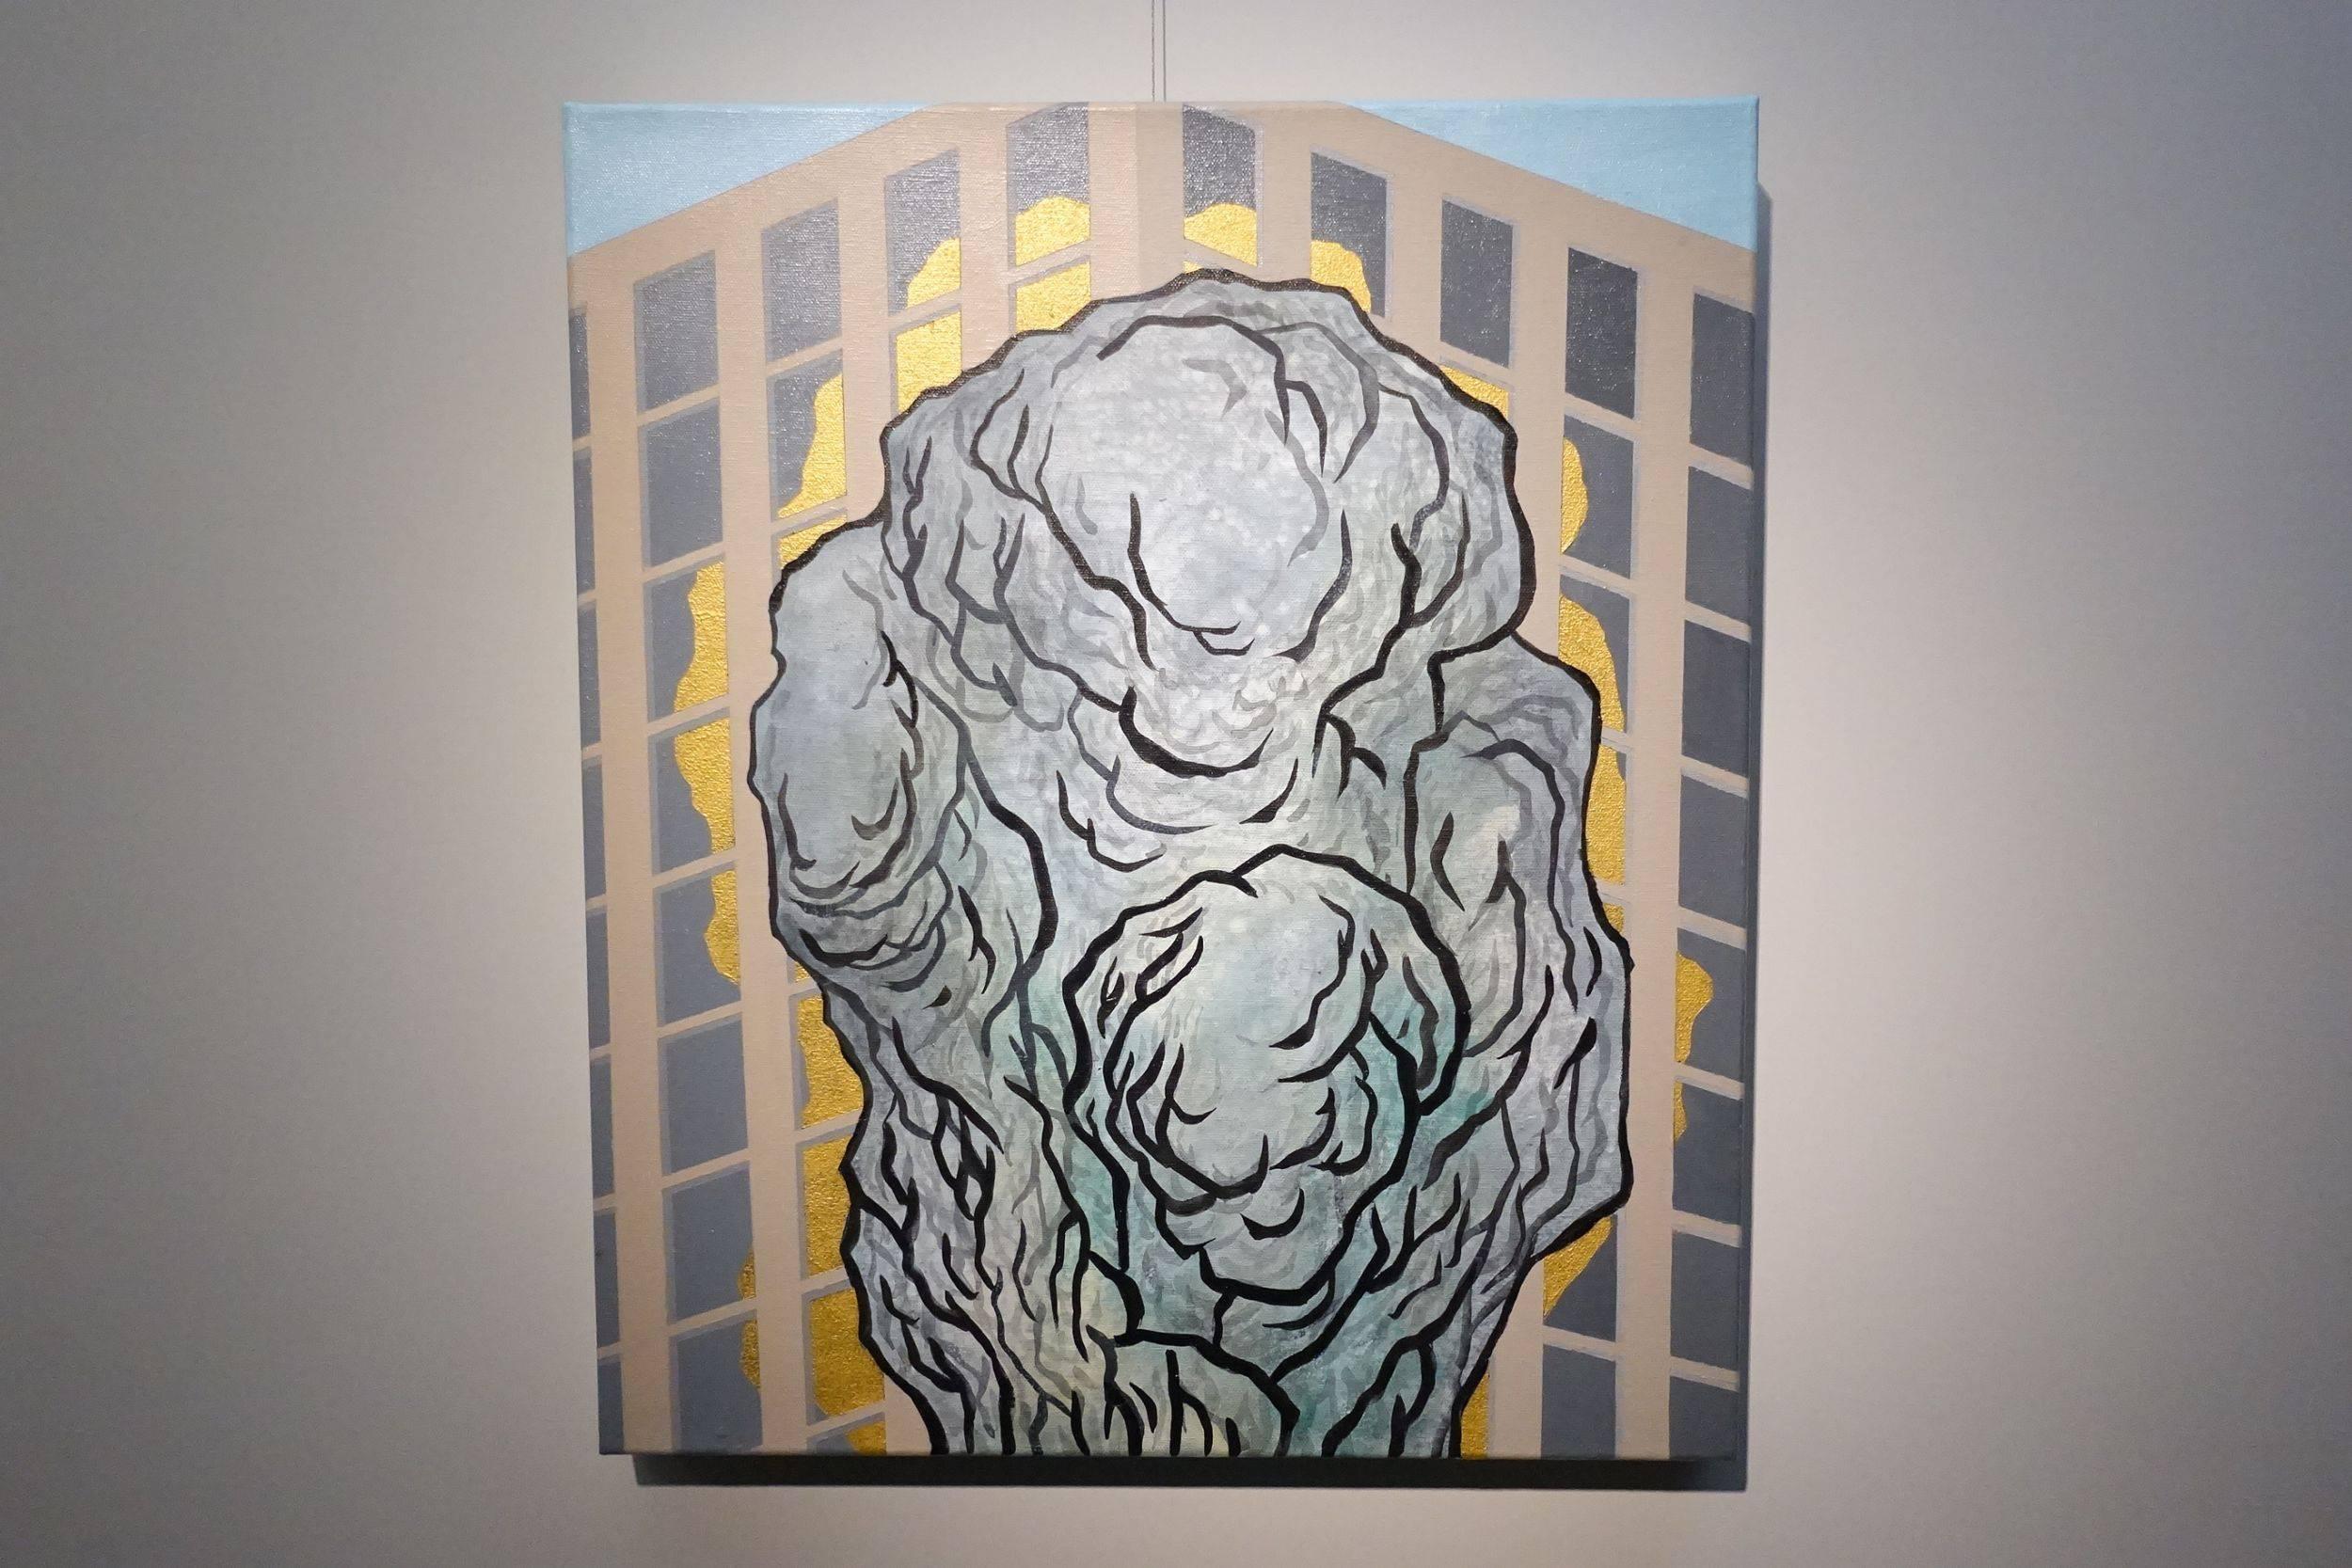 黃法誠,巨石,壓克力顏料.墨.水泥漆.畫布,2017年。